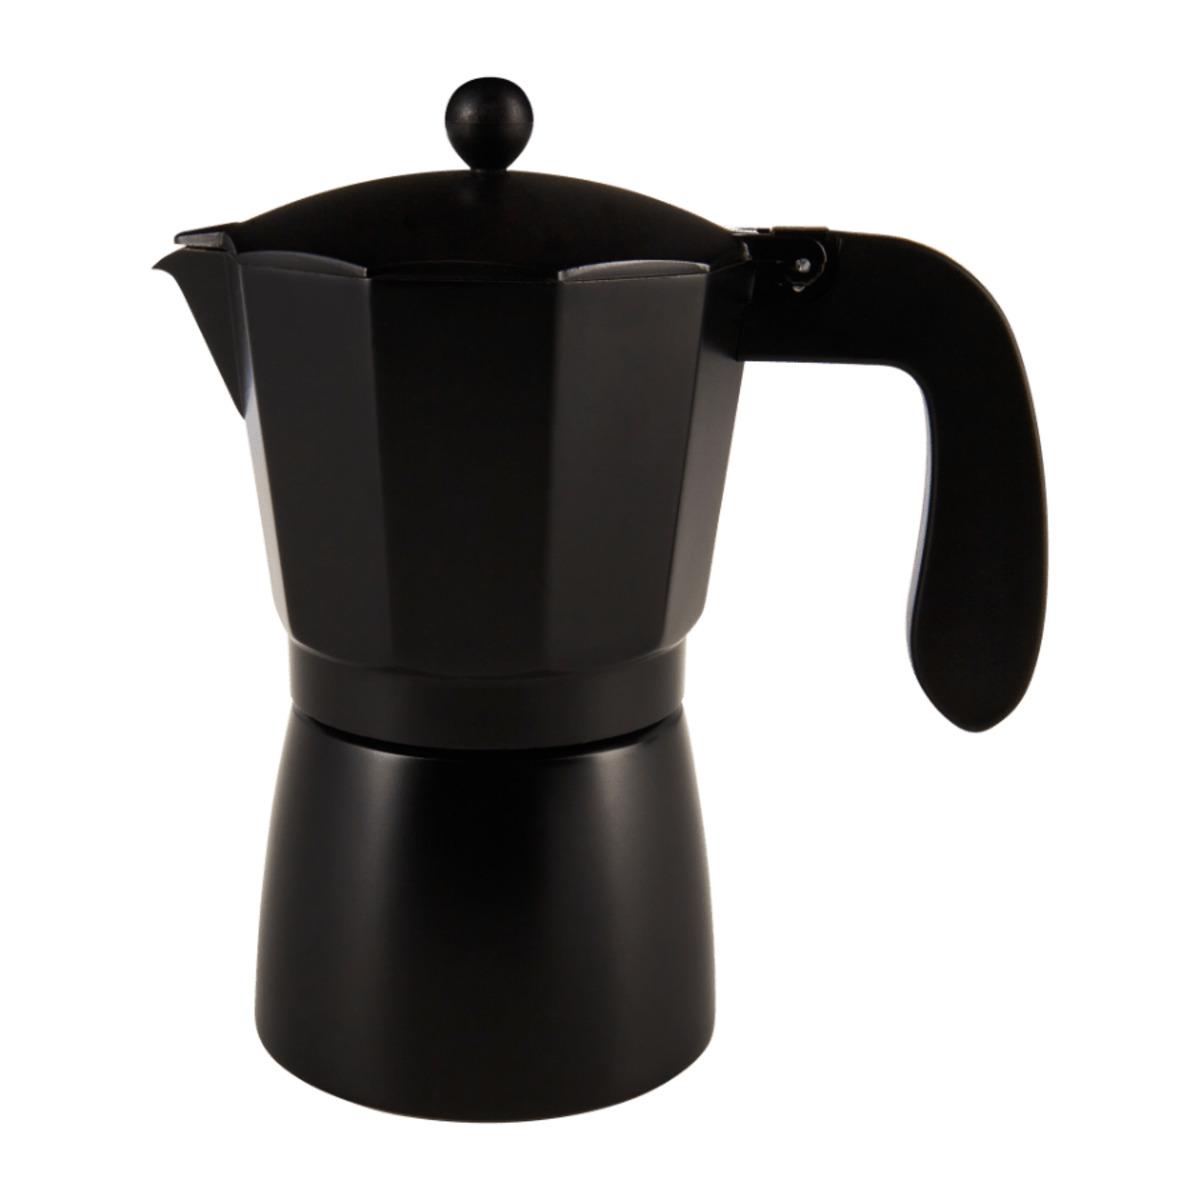 Bild 5 von HOME CREATION     Espresso Kocher